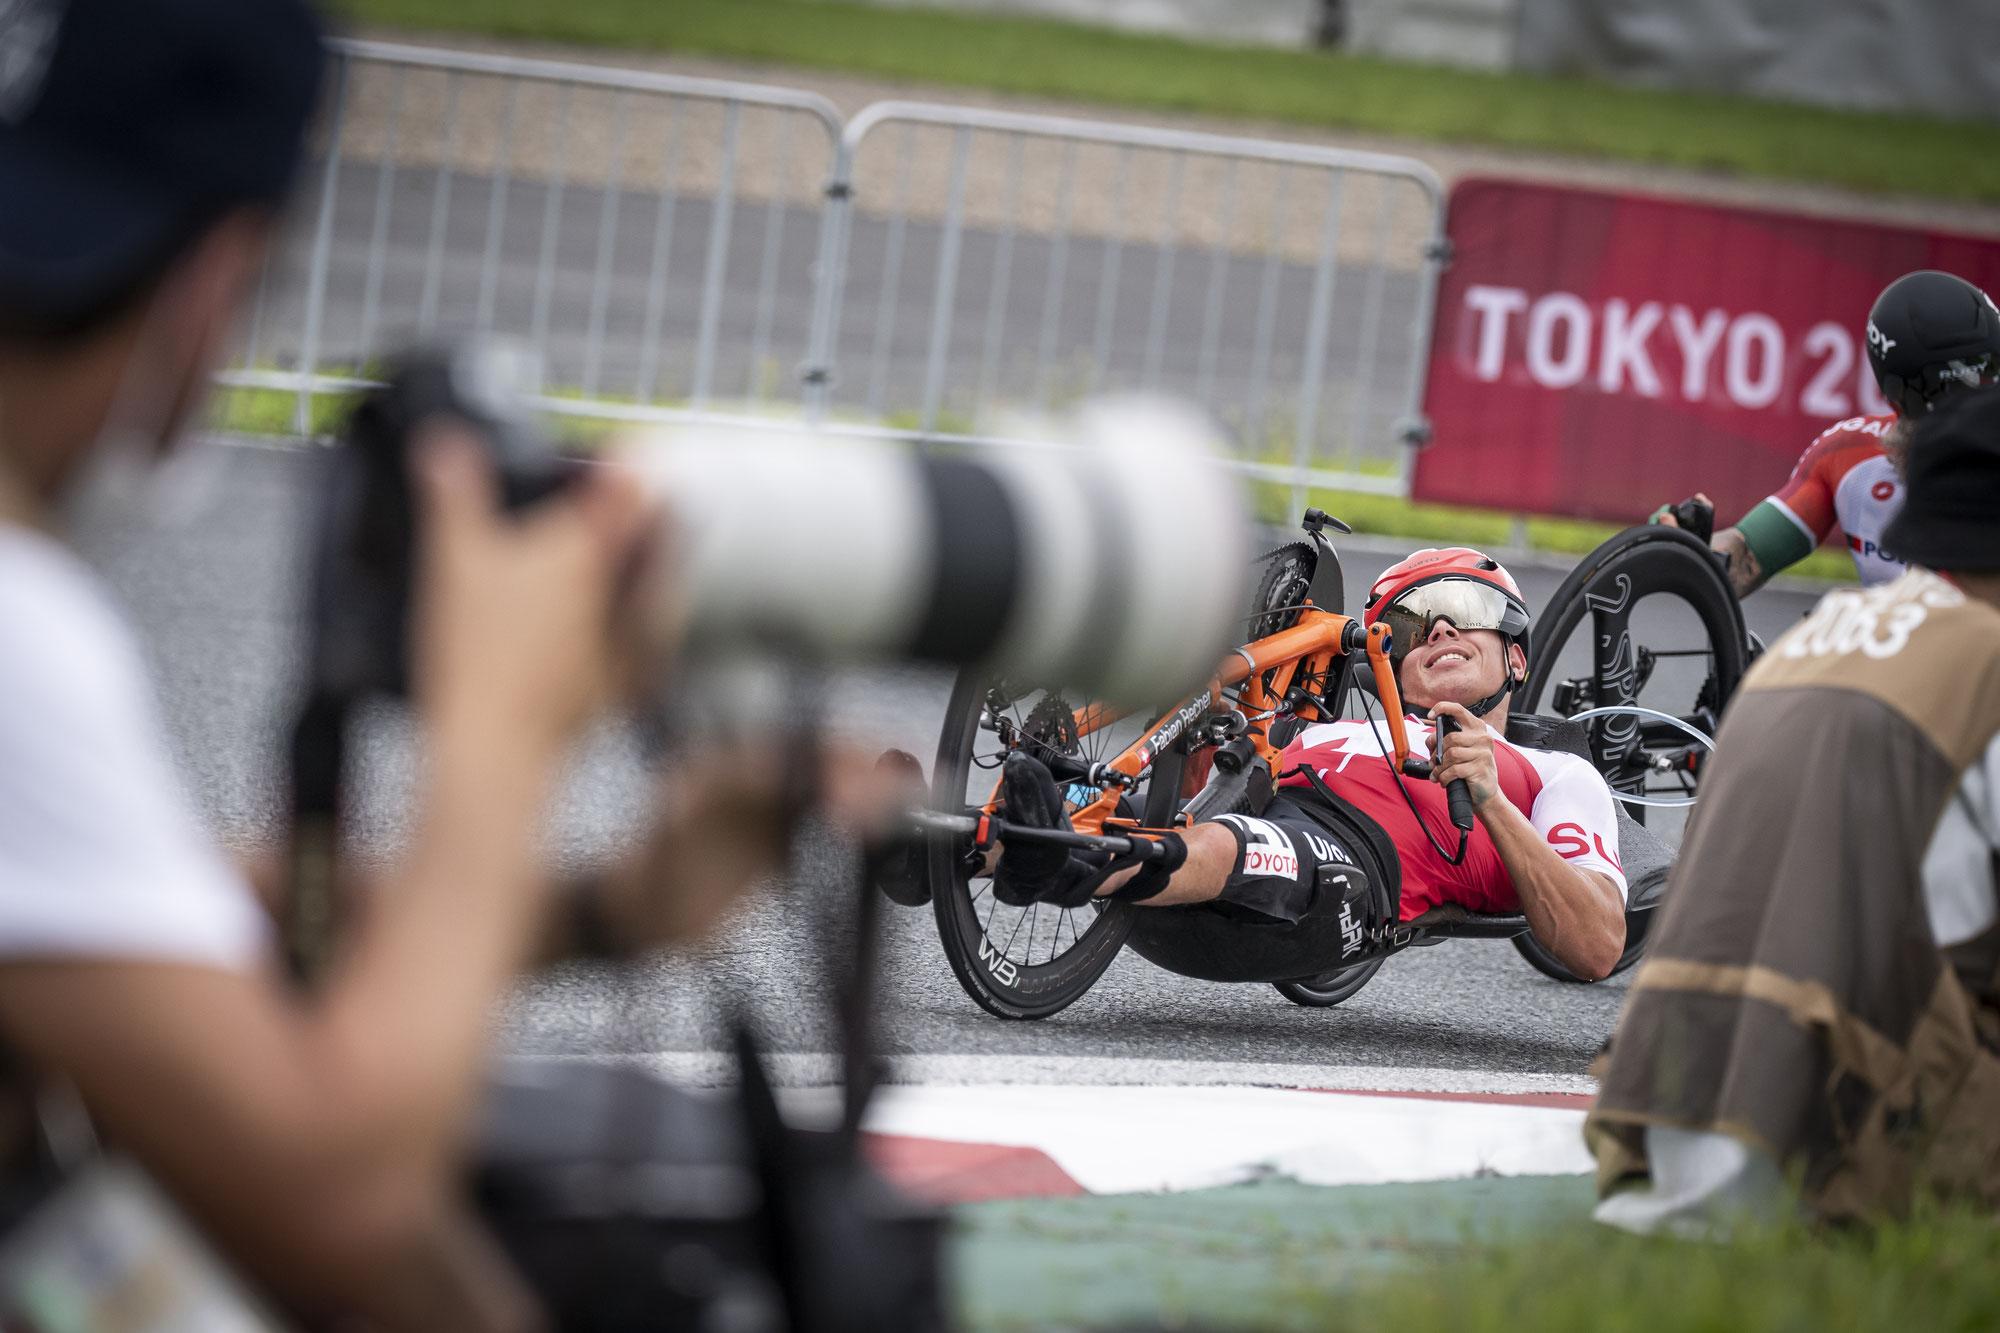 Startschuss für die Biker an TOKYO ist gefallen!